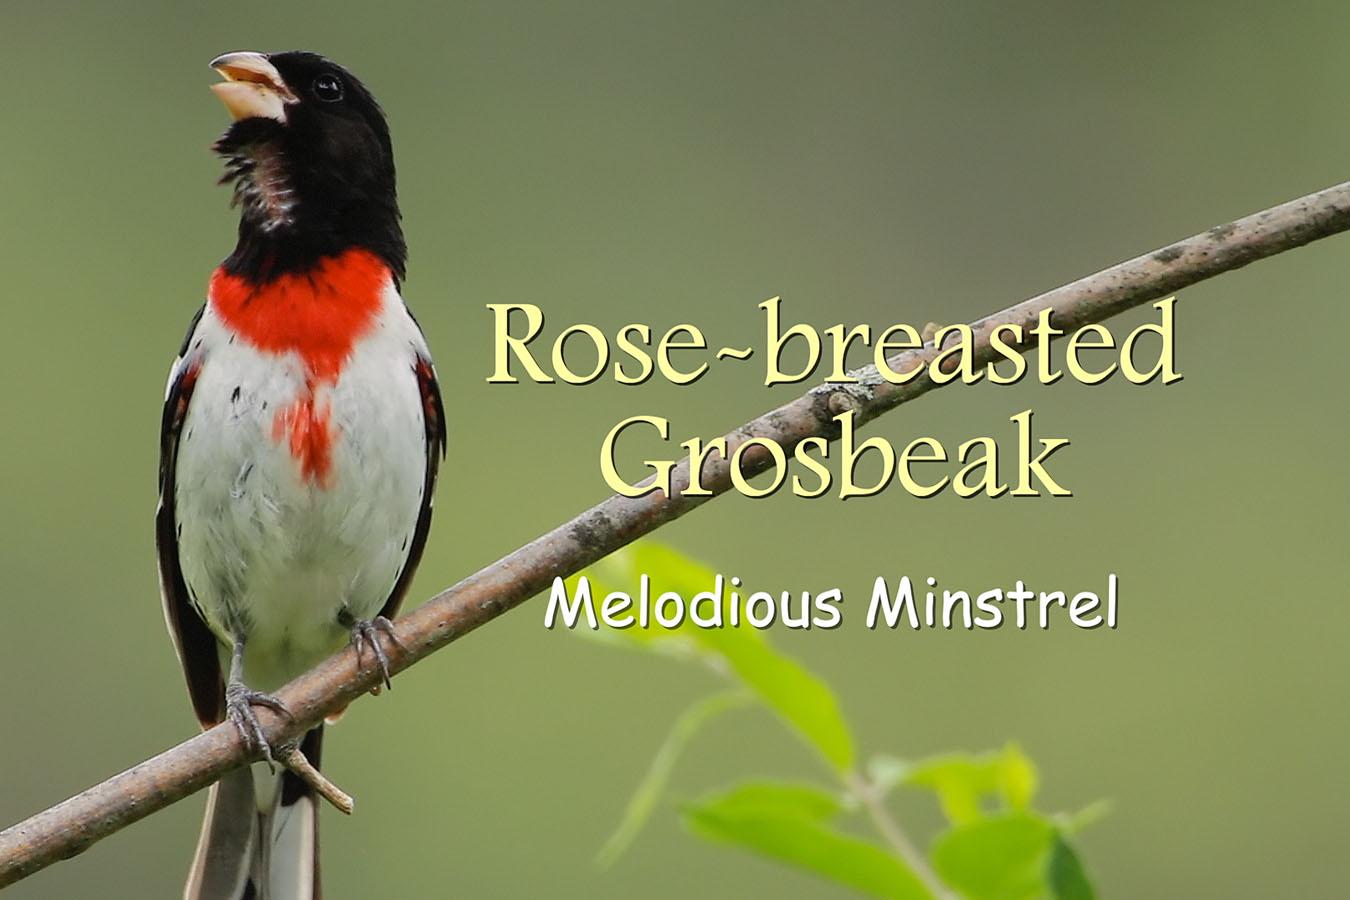 Rose-breasted Grosbeak - featured image © Lang Elliott